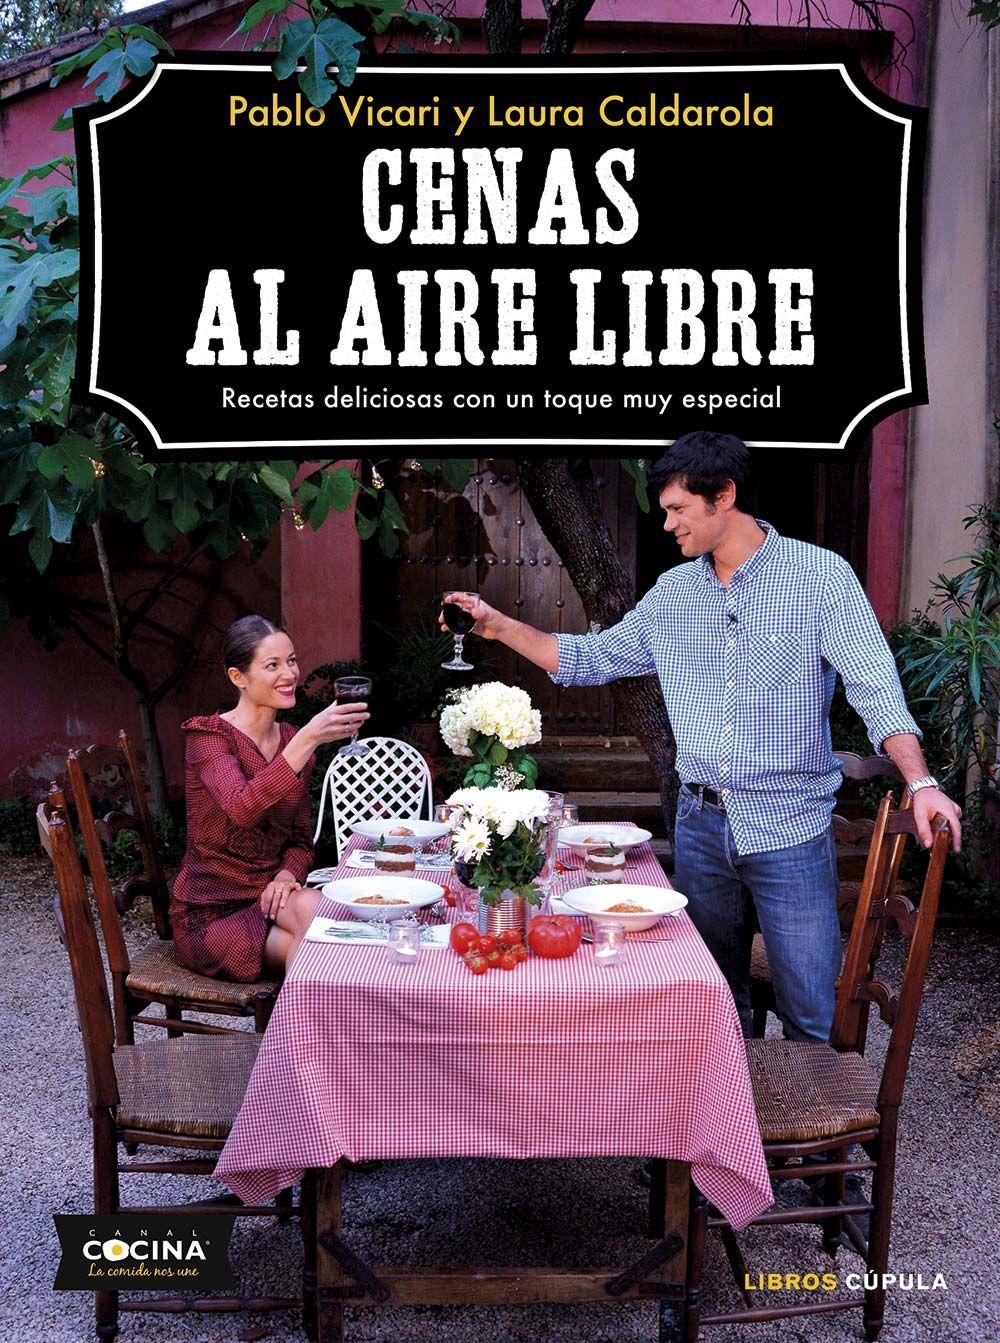 Libros de cocina: Cenas al aire libre